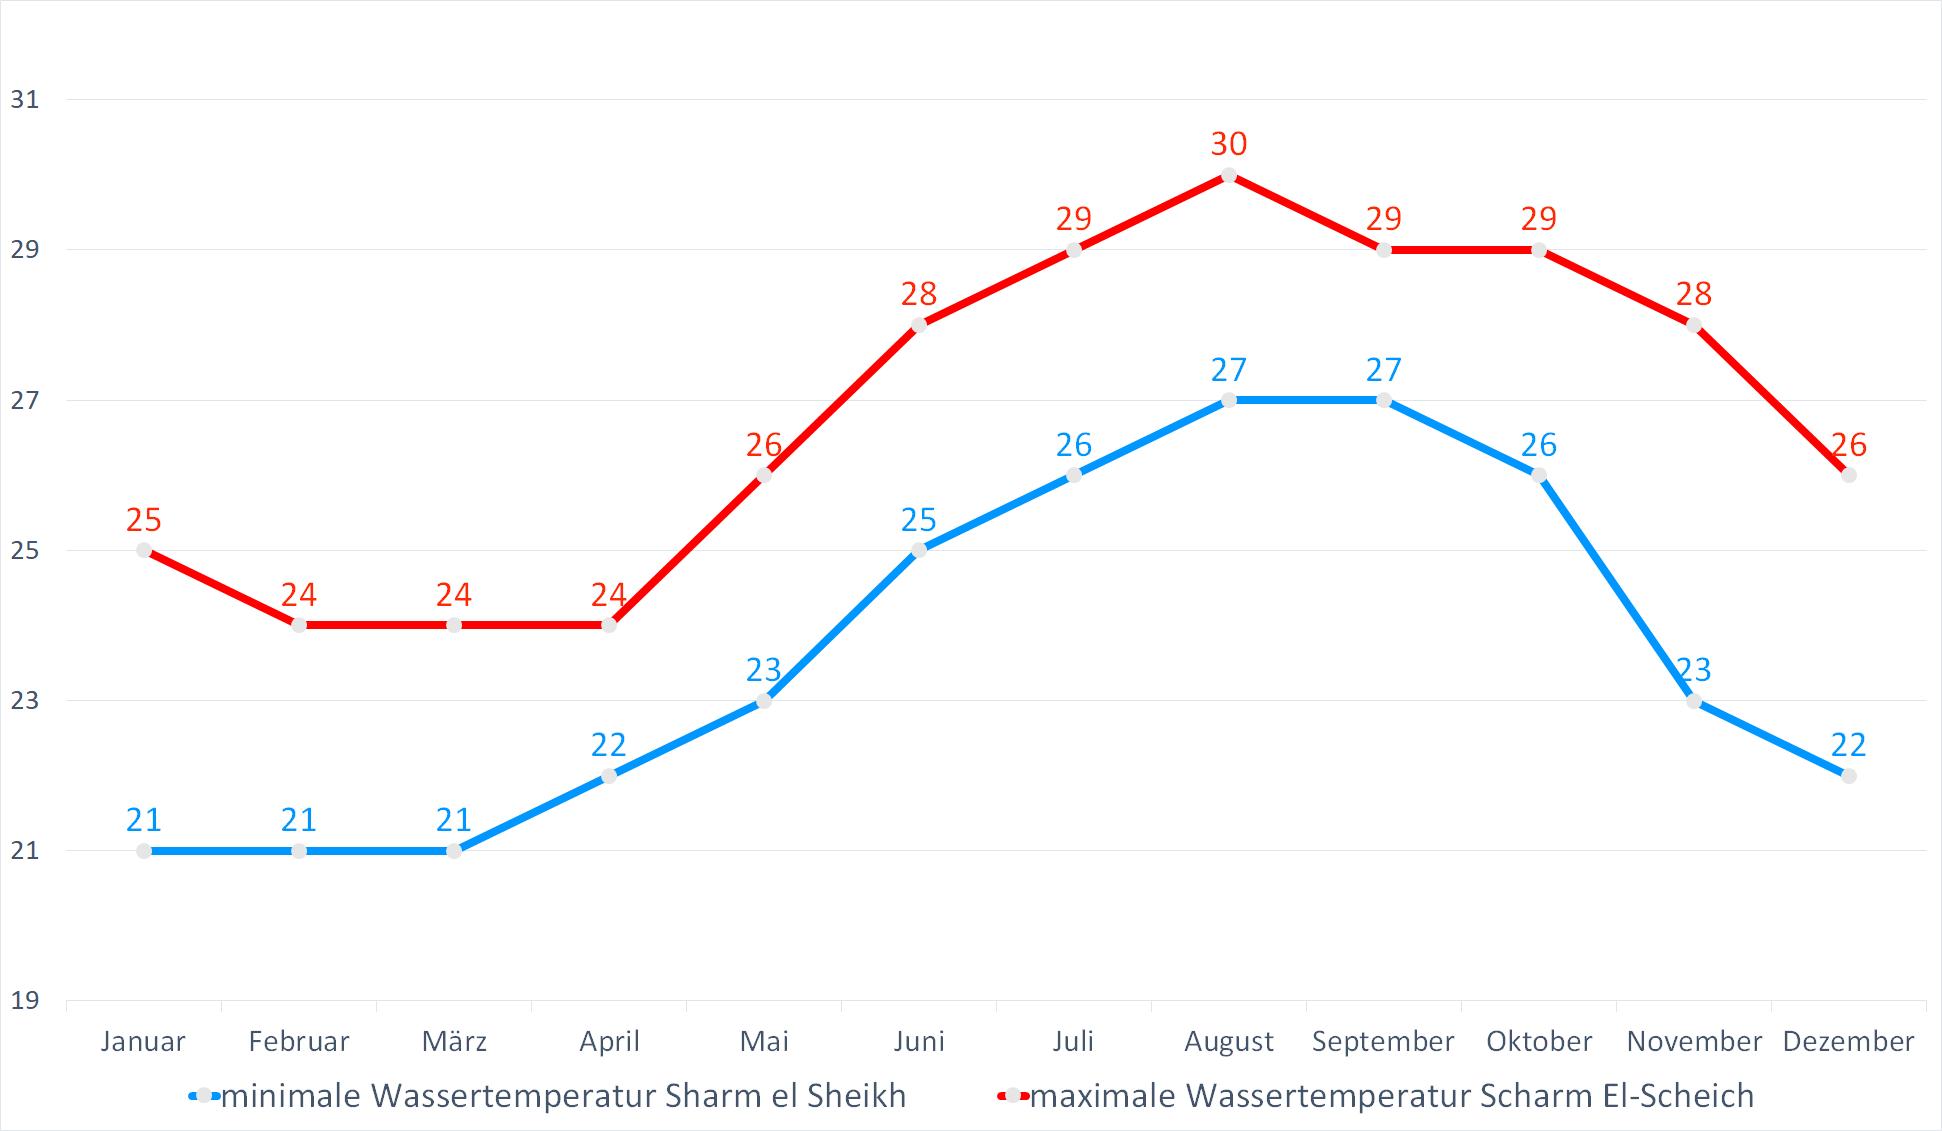 Minimale & Maximale Wassertemperaturen für Sharm el Sheikh im Jahresverlauf